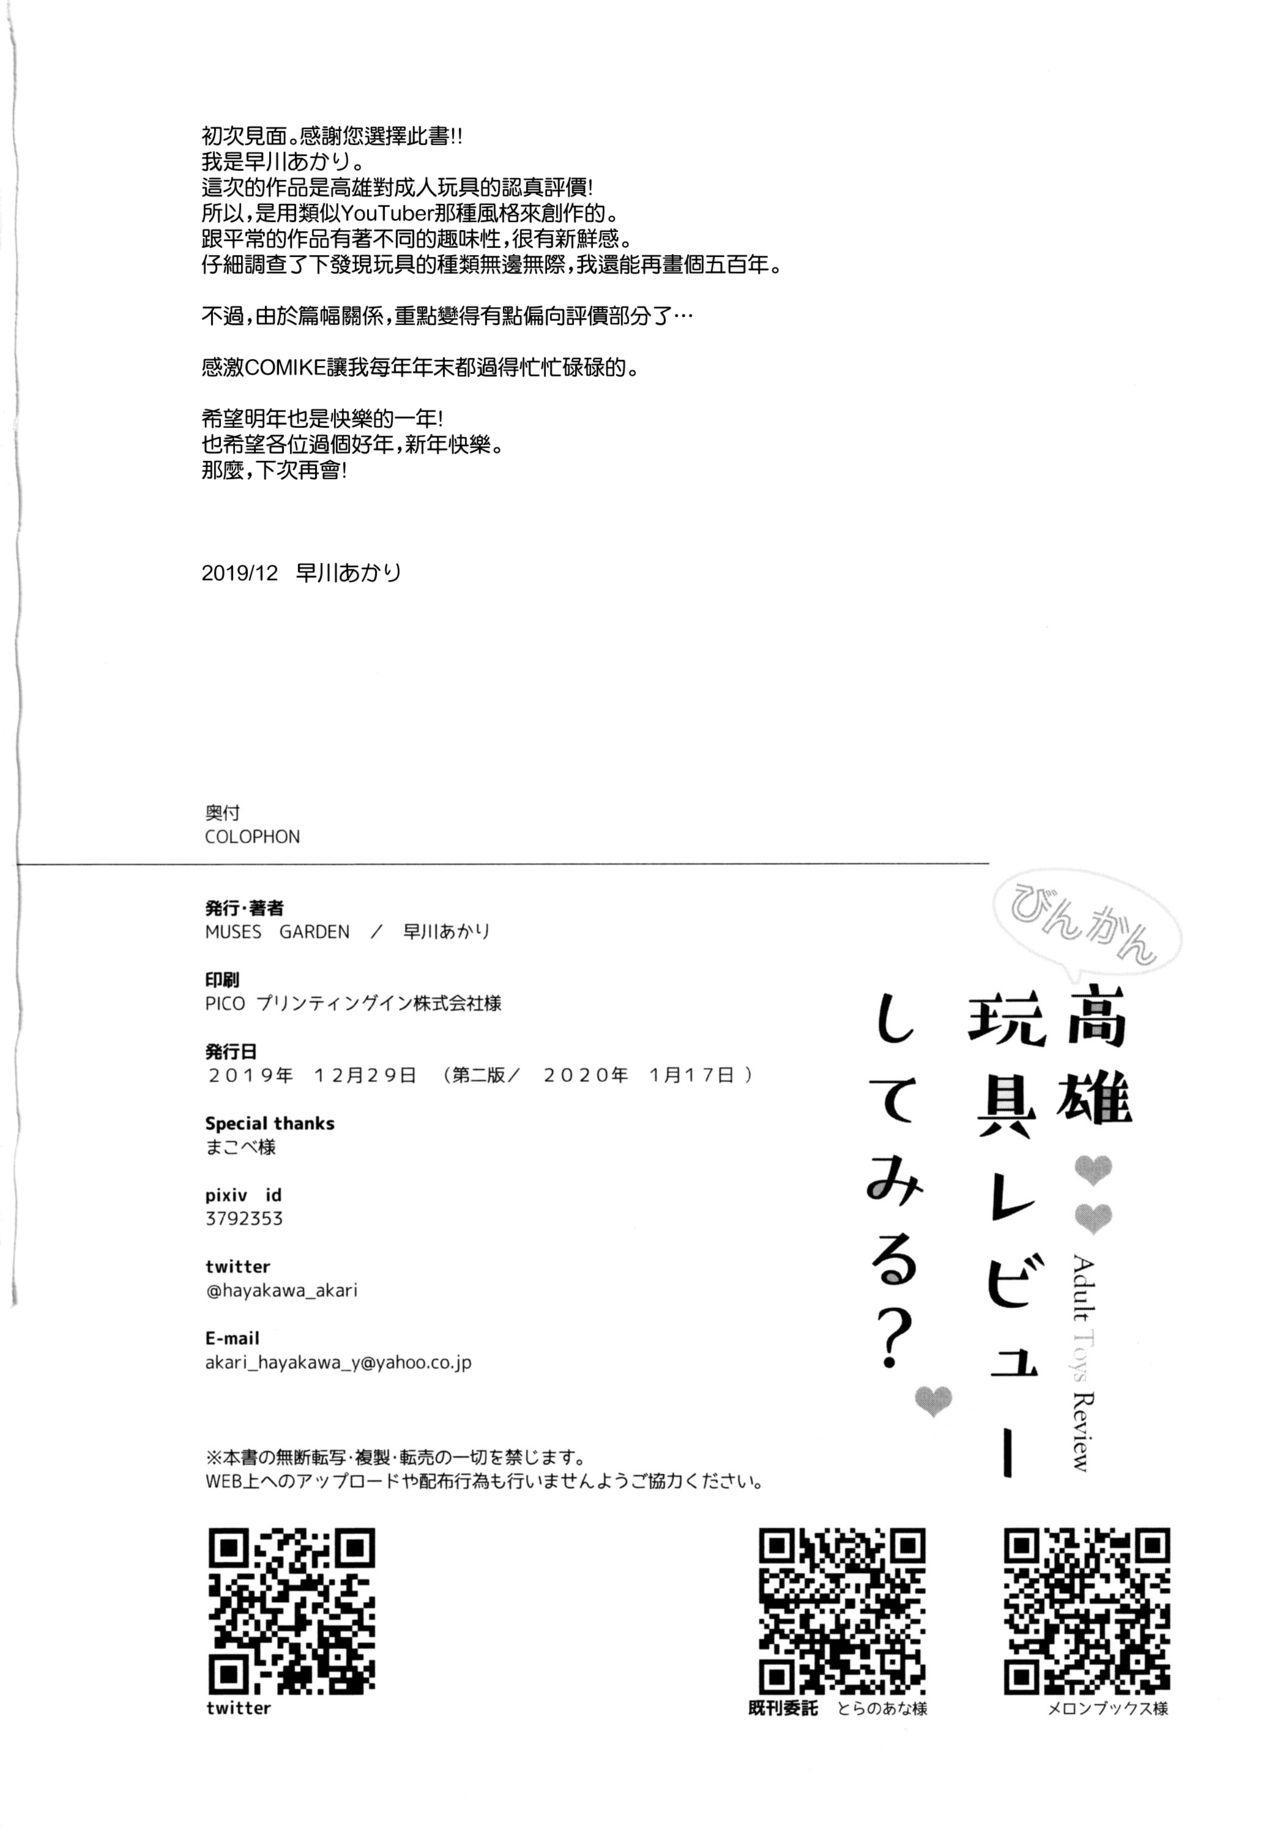 Binkan Takao Omocha Review Shite Miru? 21